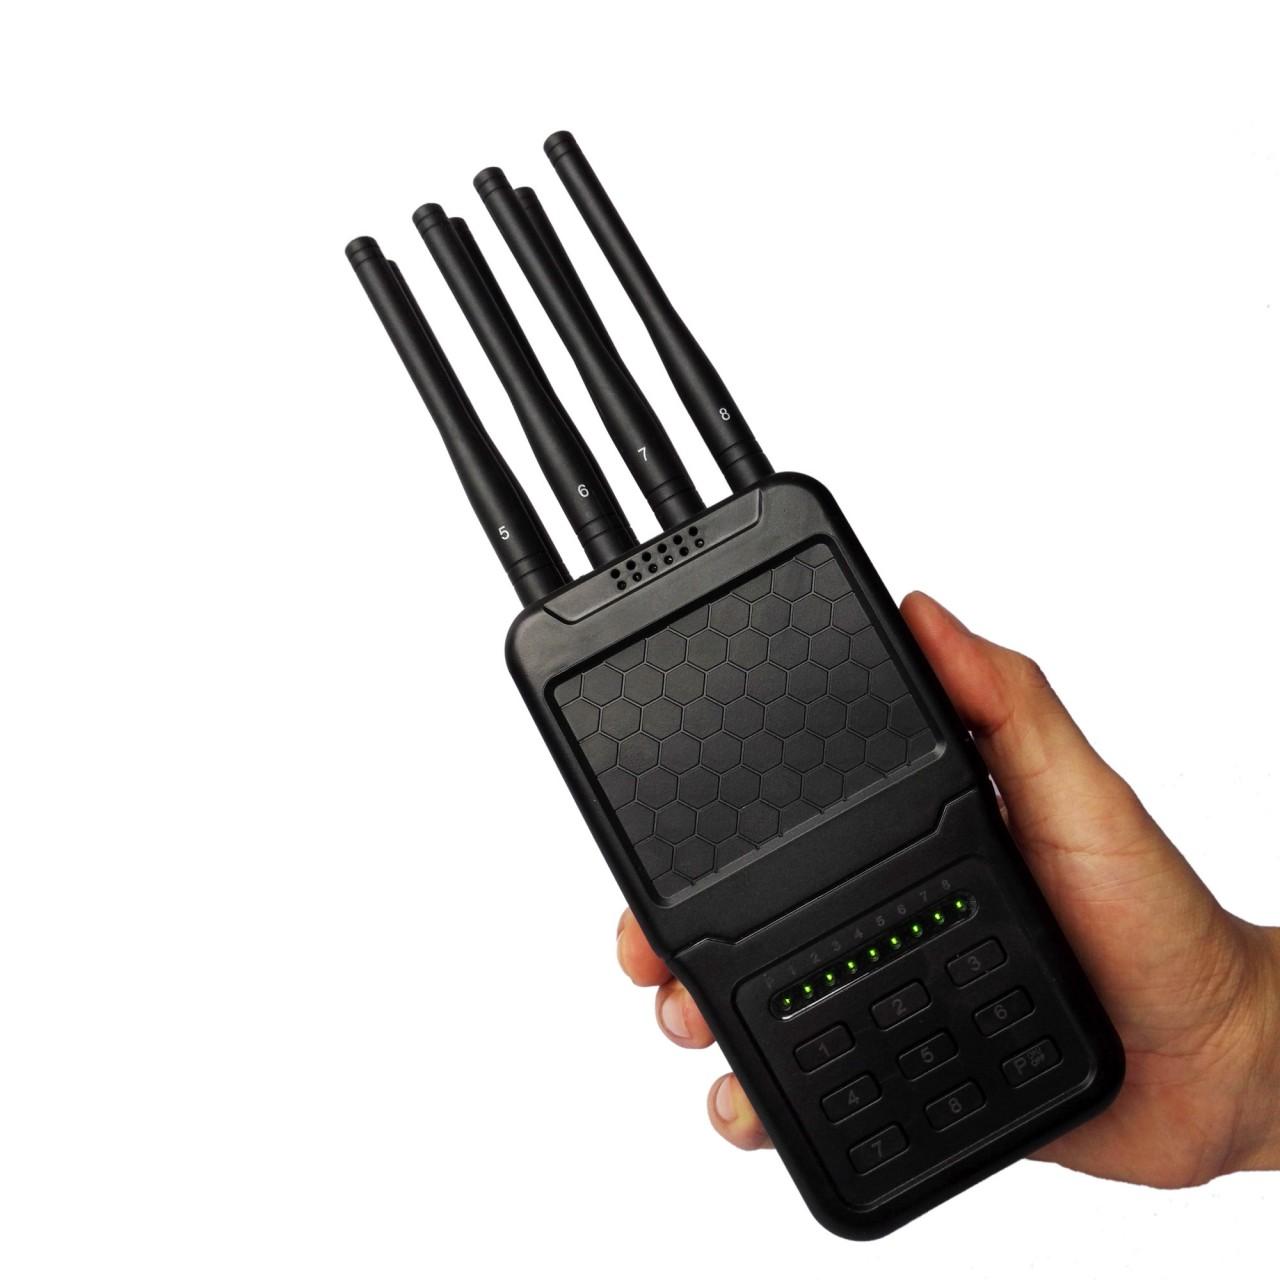 3g 4g jammer - 16 Antennas 4G Jammer